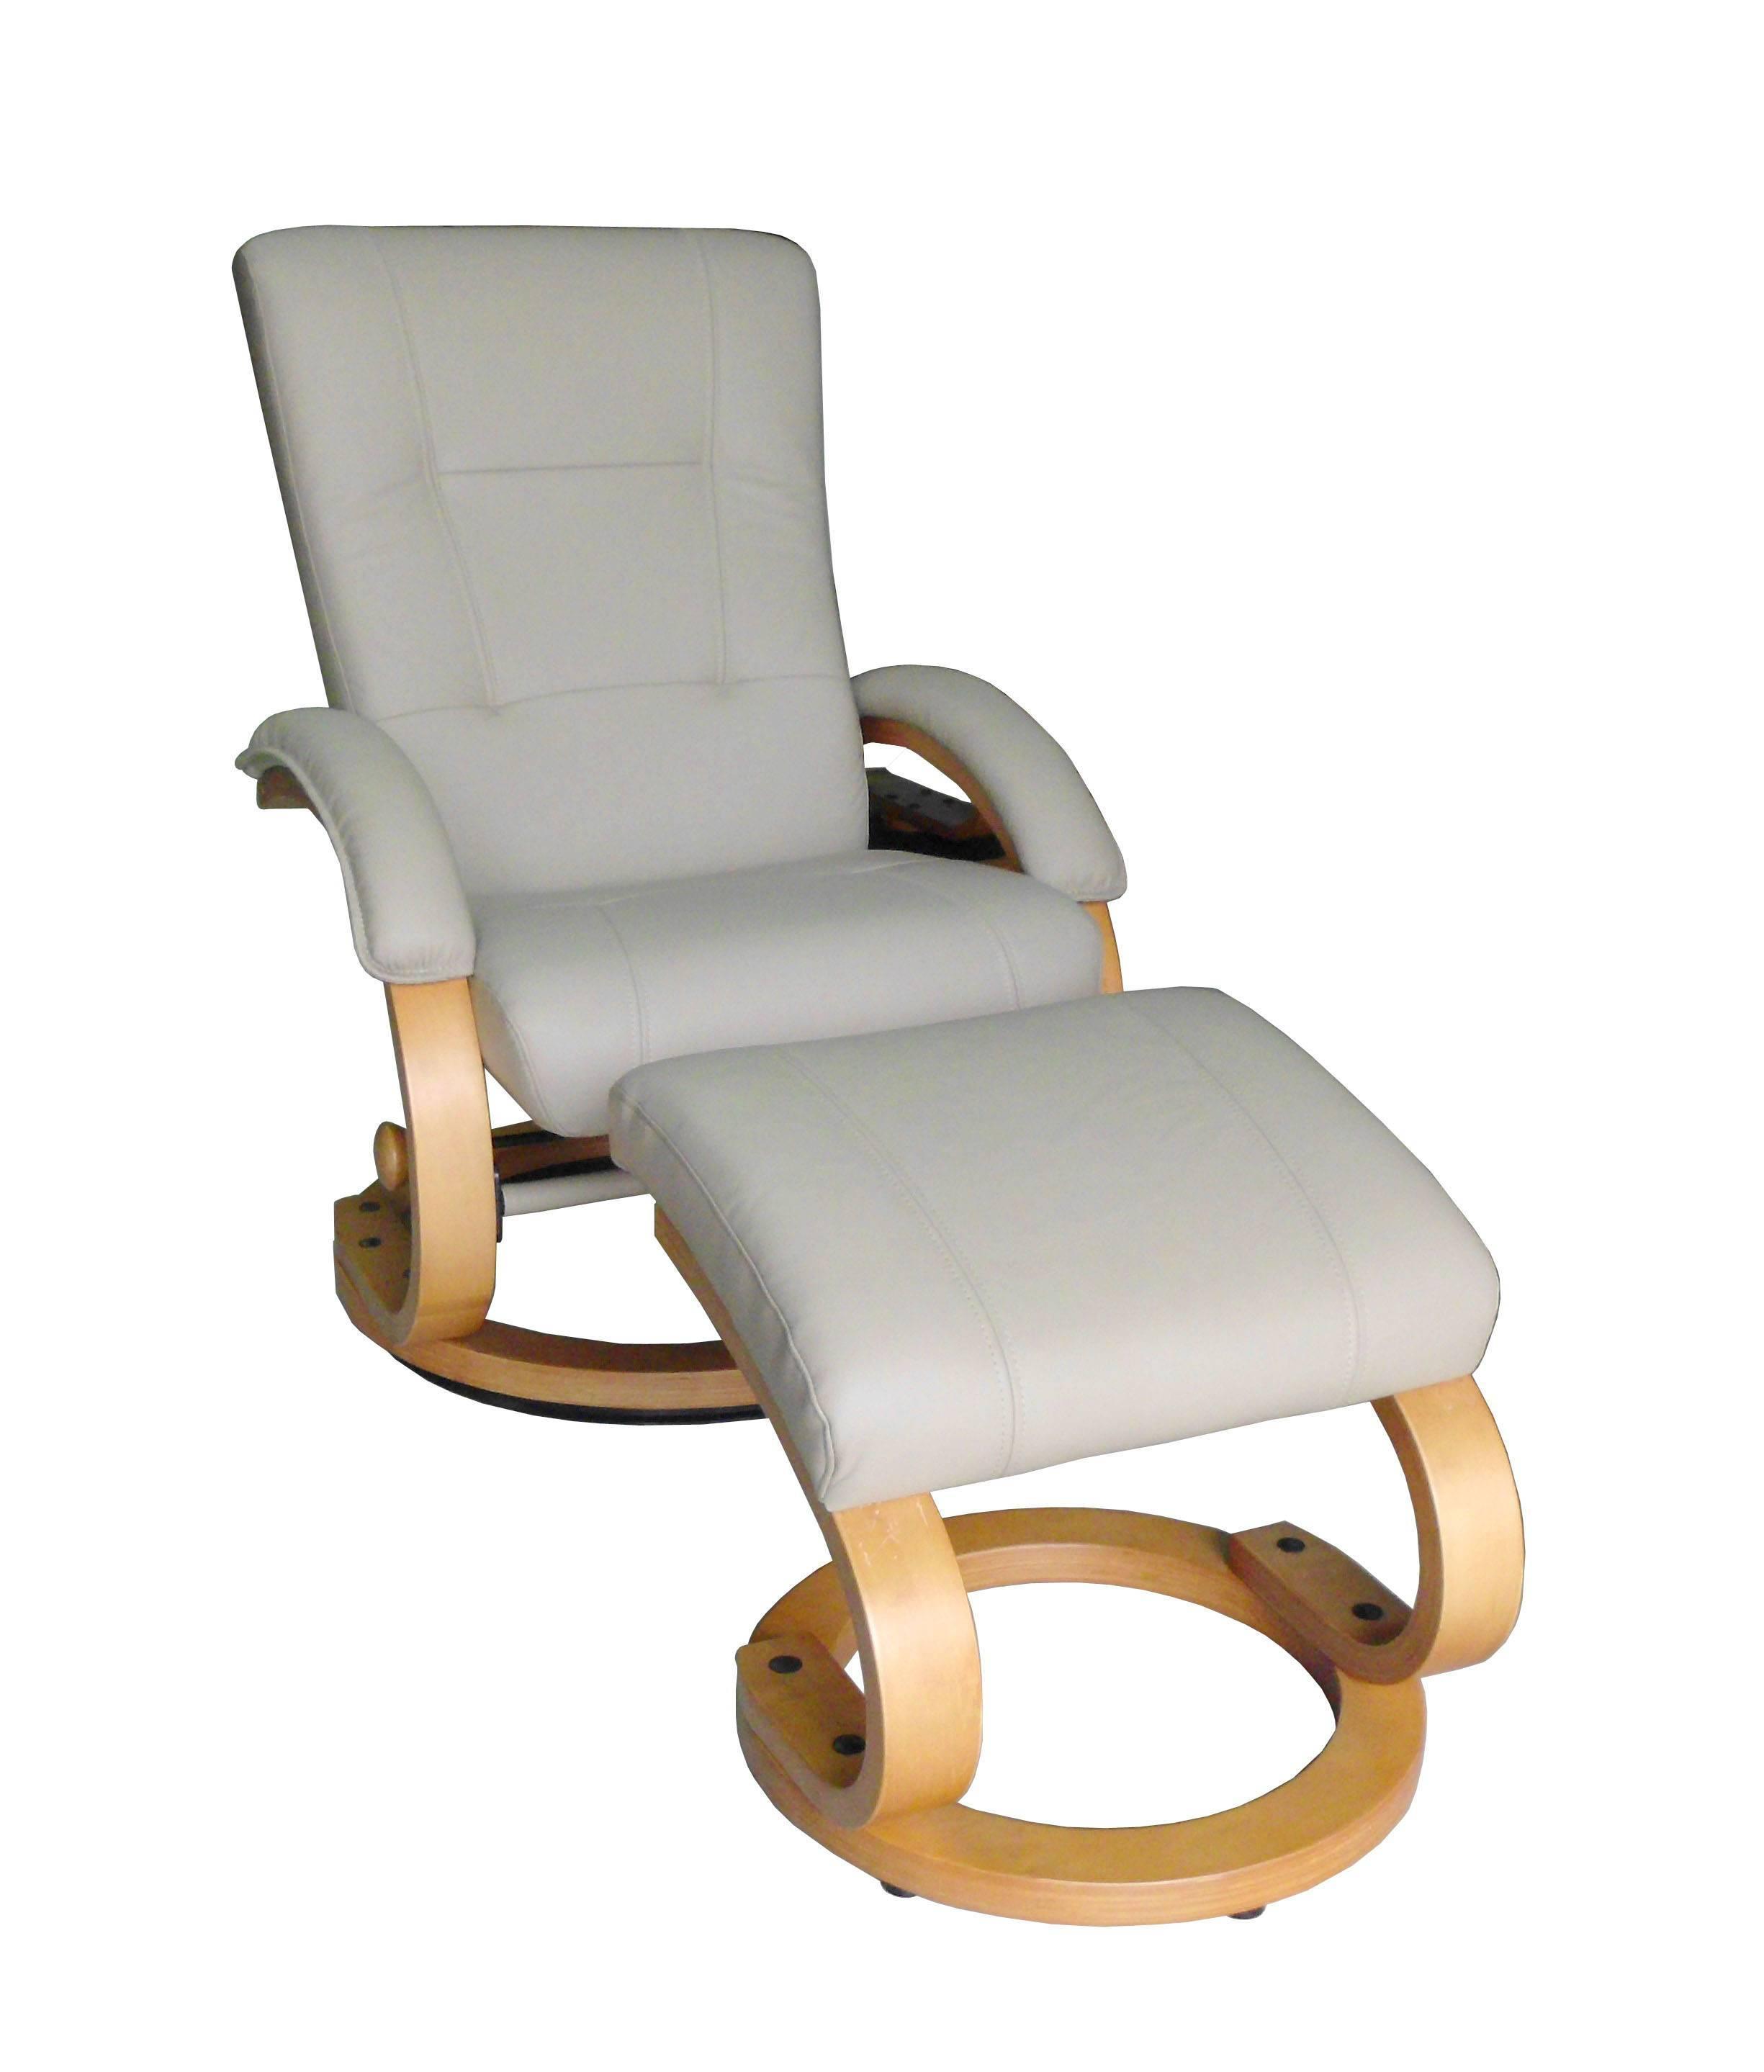 BH-8231 Recliner Chair, Recliner Sofa, Reclining Chair, Reclining Sofa, Home Furniture